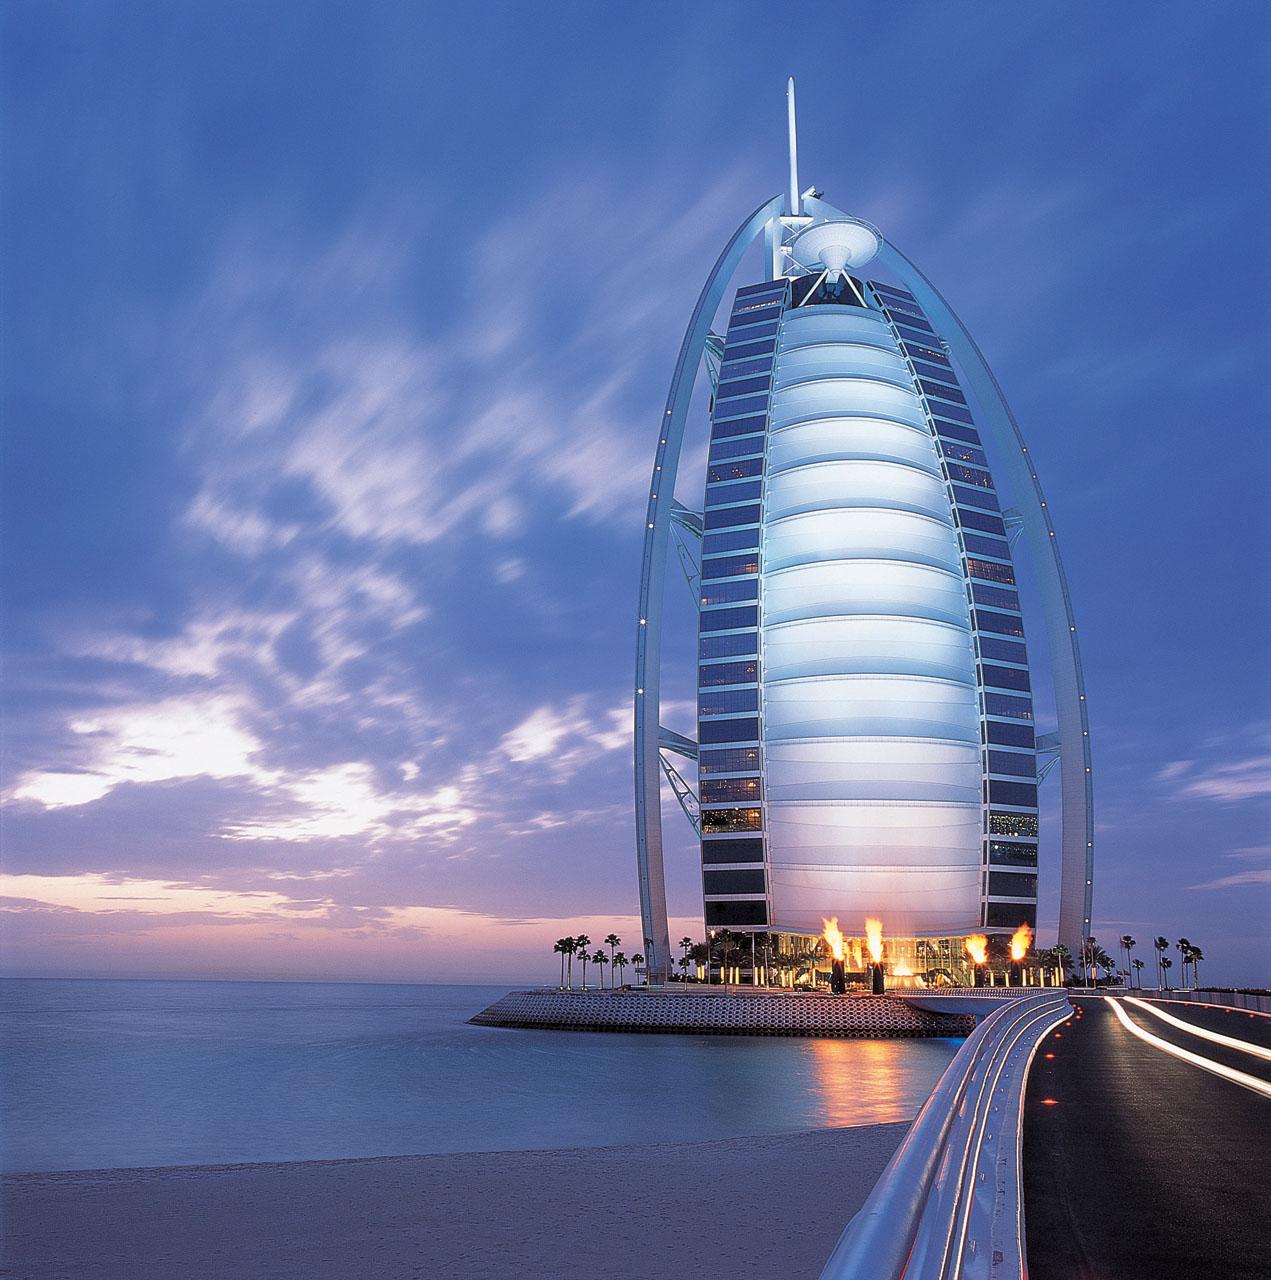 http://2.bp.blogspot.com/-GmfH98IoZhA/Tk2KMKRe60I/AAAAAAAAA3I/9f1_VIf_OW4/s1600/dubai-7-star-burj-al-arab1.jpg